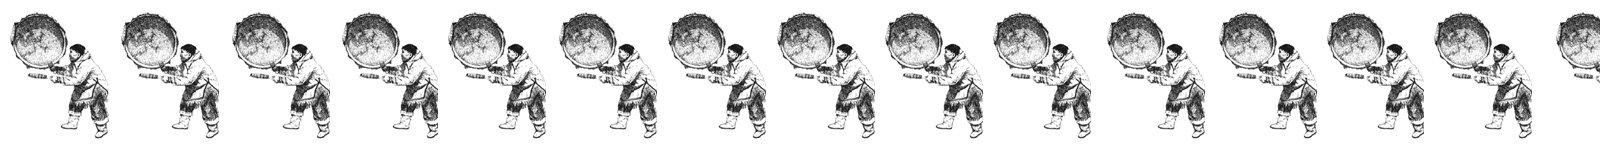 Schamanismus Seminare - Inuit mit Trommel